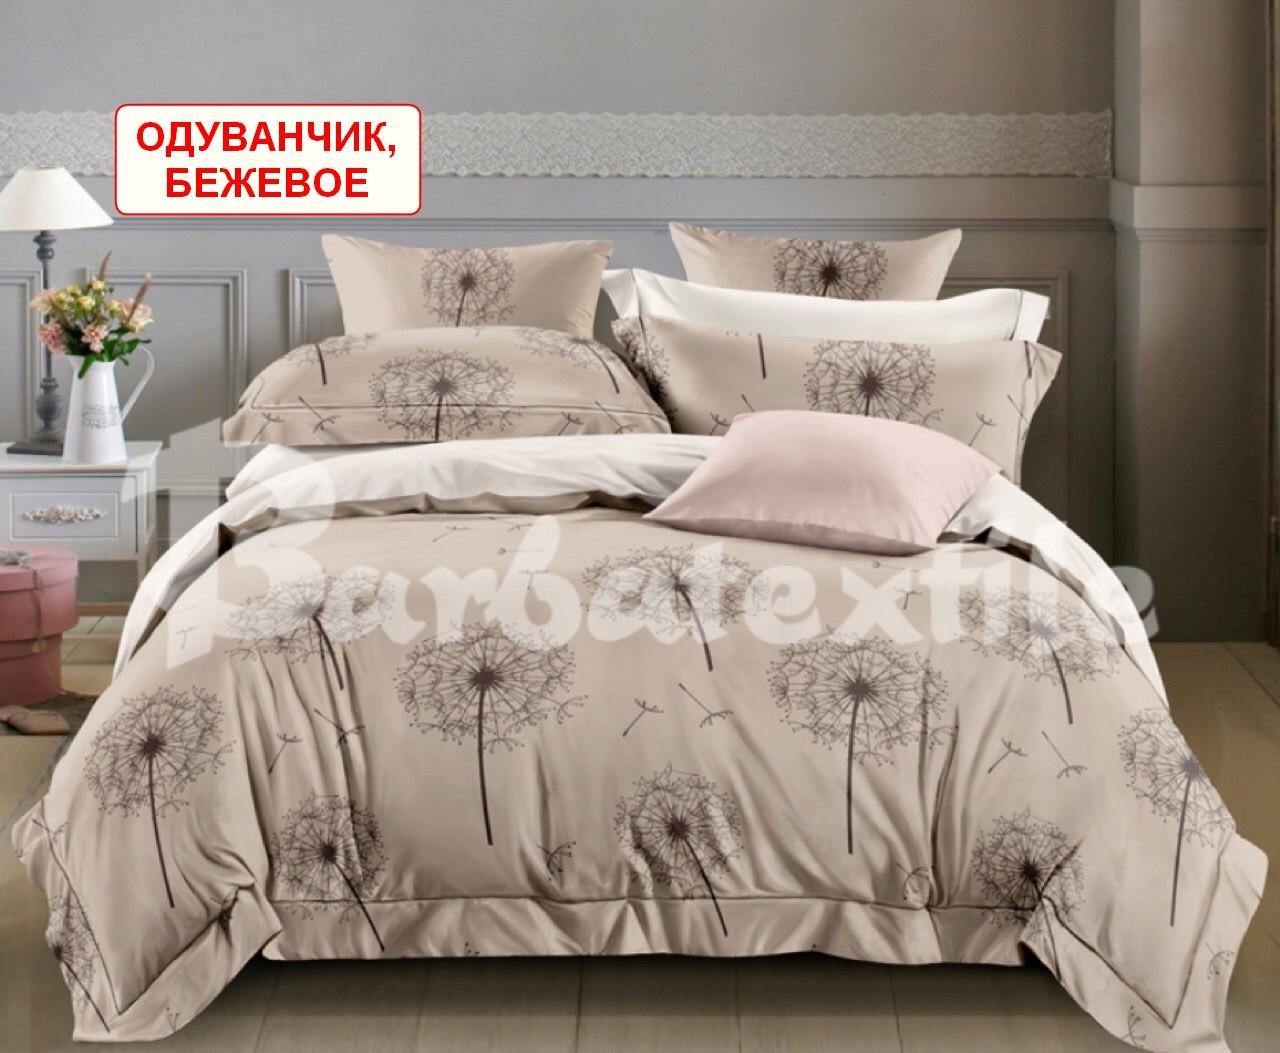 Набор постельного белья из сатина - Одуванчик бежевый, компания